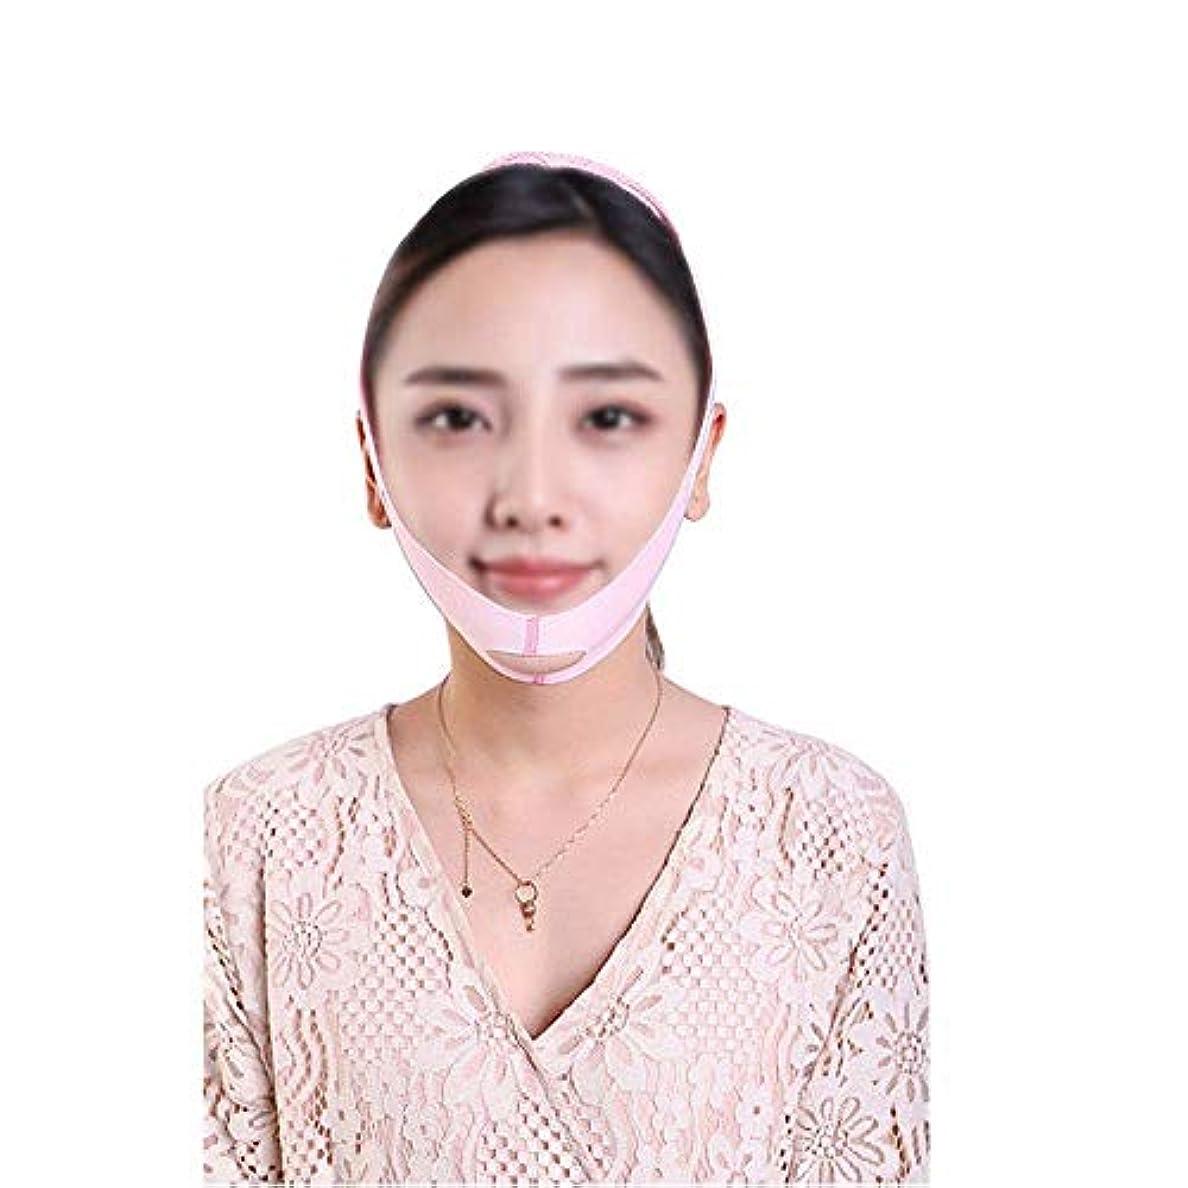 拷問未就学規制フェイスリフティングマスク、引き締めおよびリフティングアンチフェイスドループアーティファクトスモールVフェイスバンデージマスク